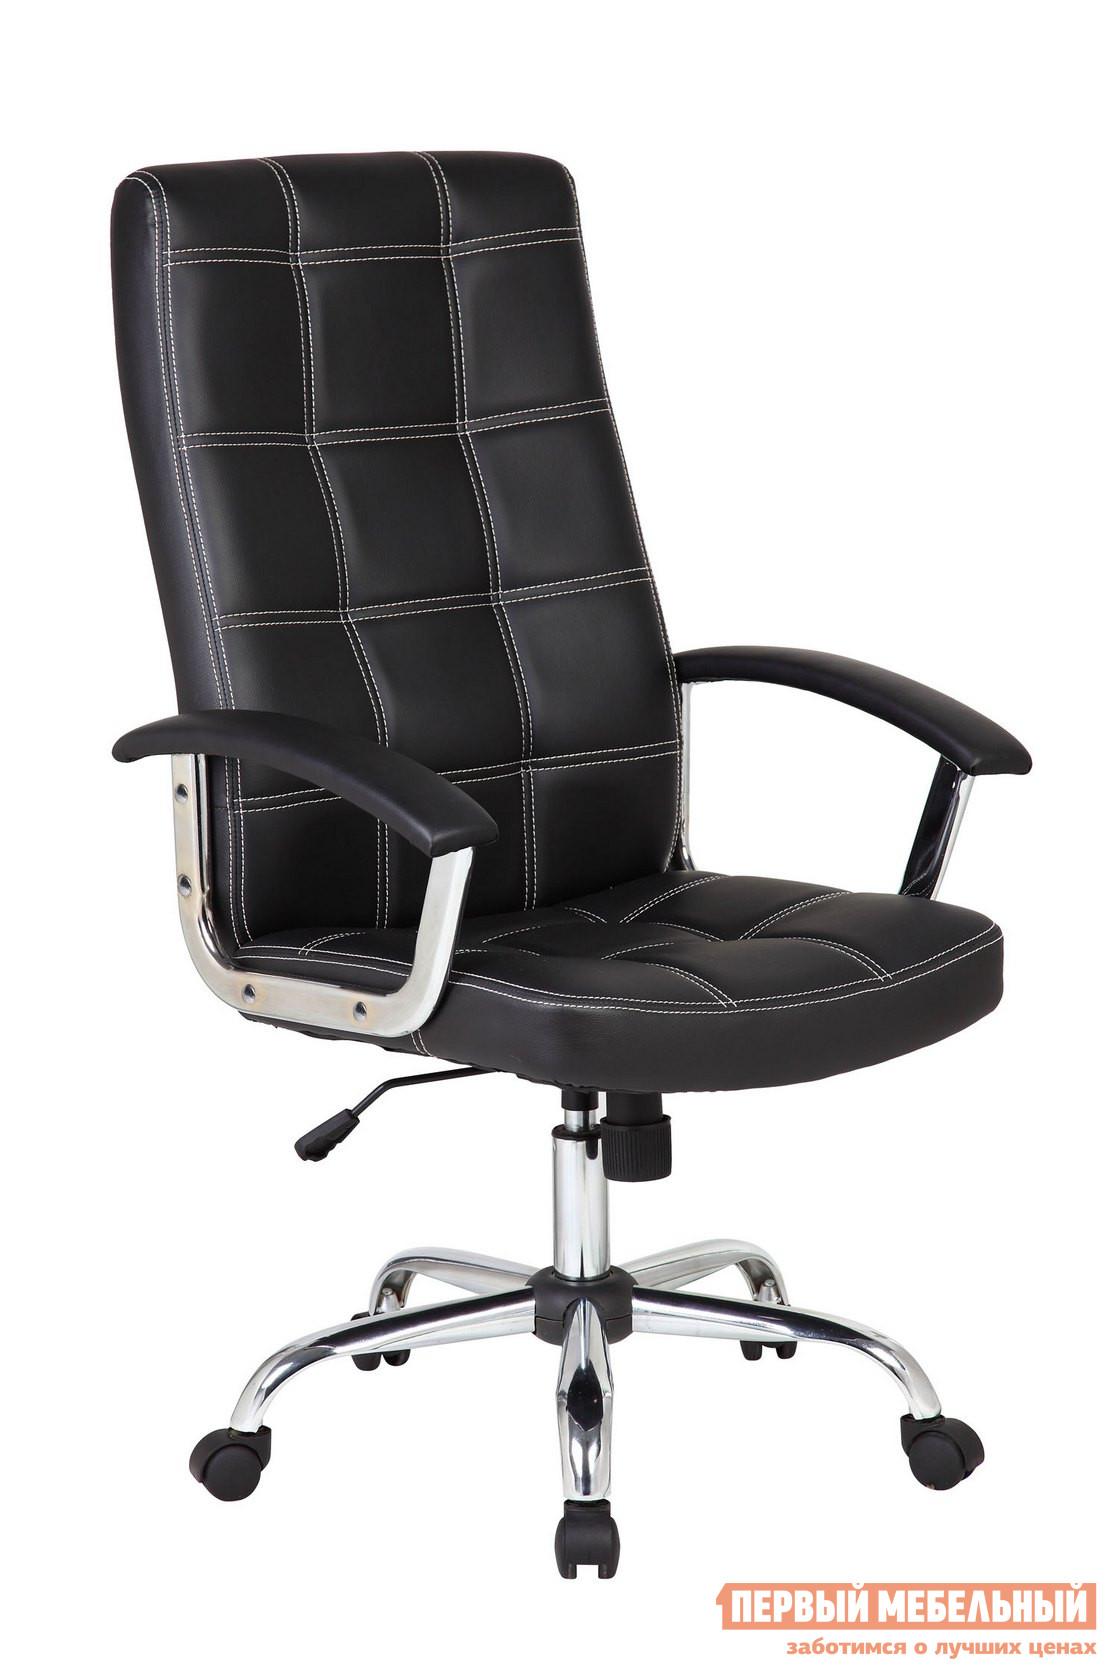 Кресло руководителя Riva Chair Кресло RCH 9092 - 1 Чёрный (QC-01)